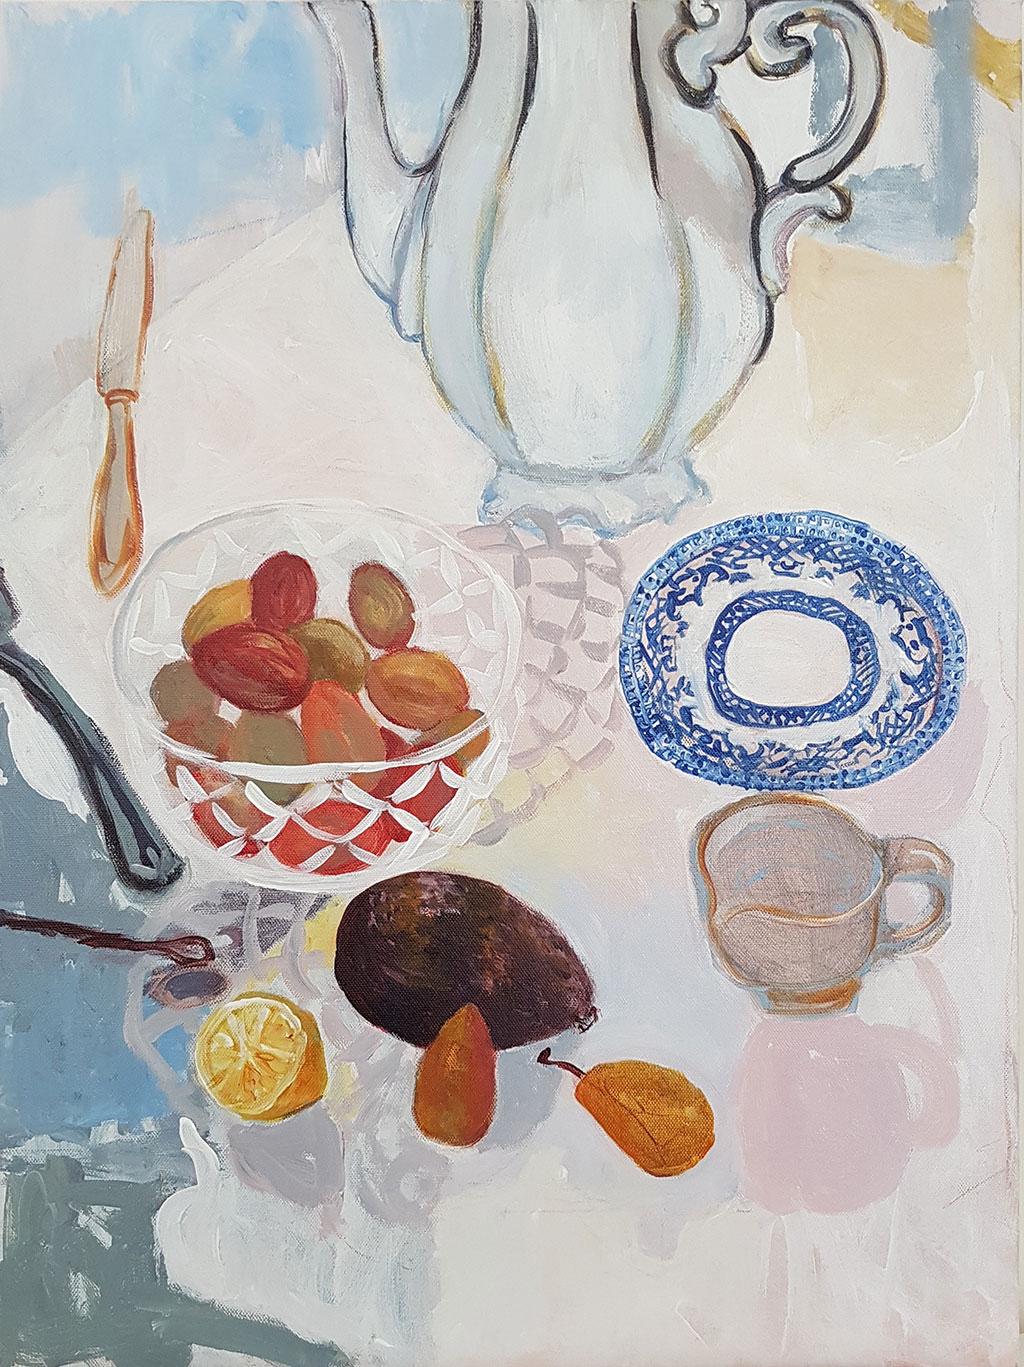 2.-White-Coffee-Pot-45.8-x-61cm-$840